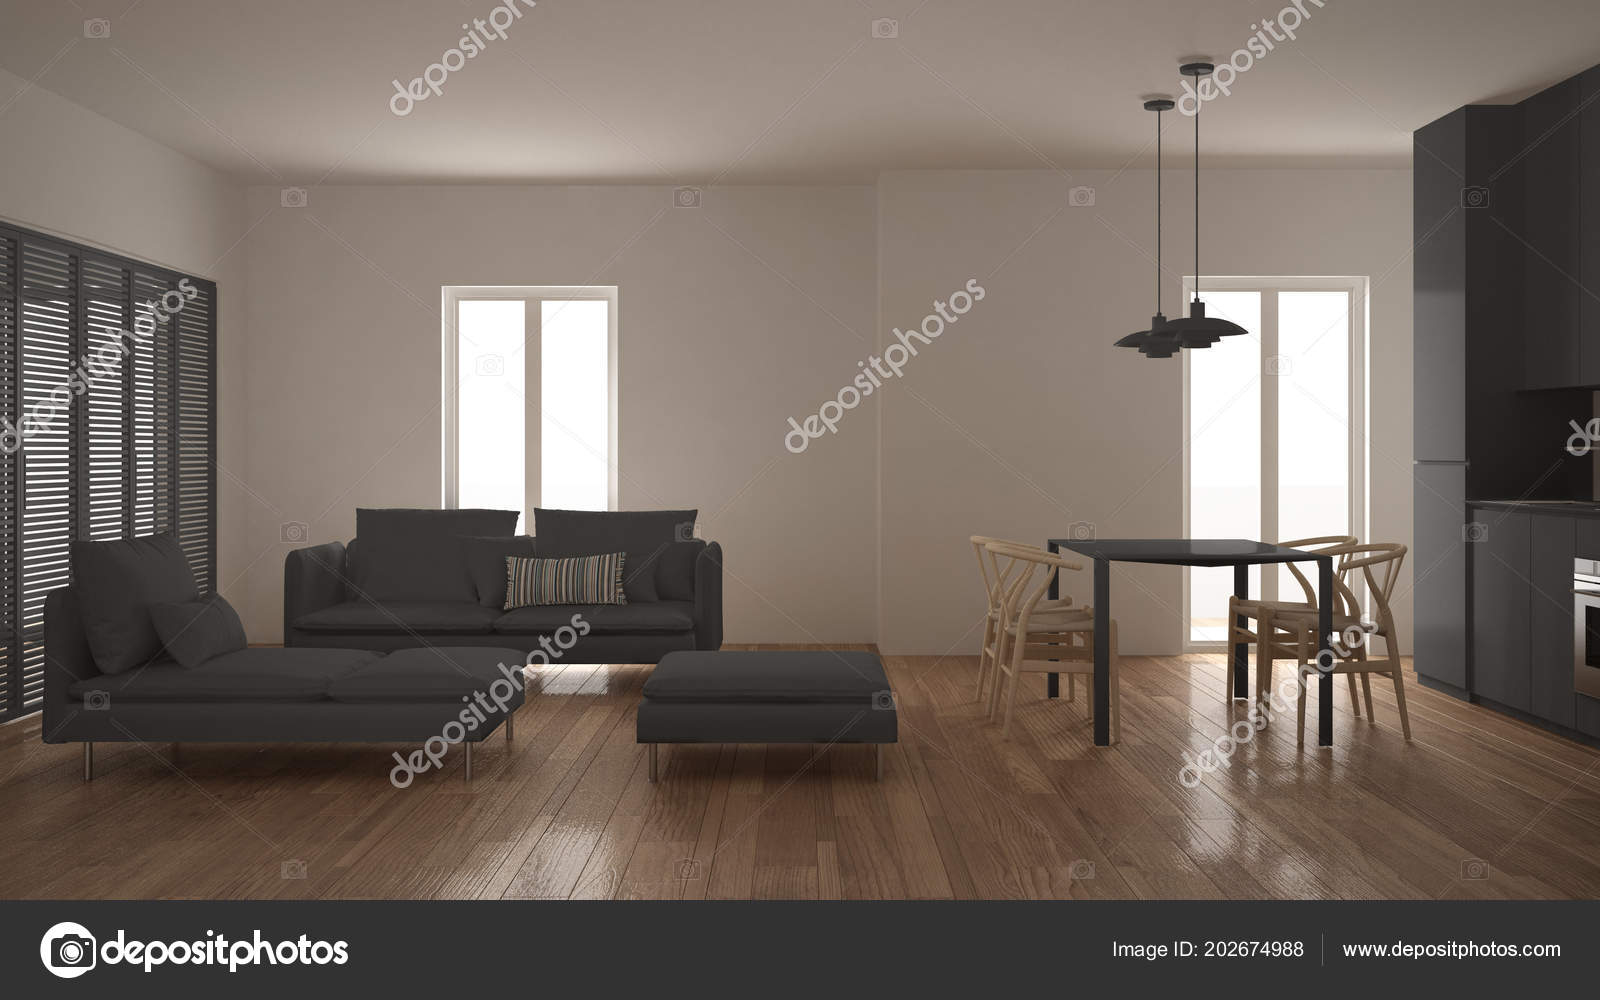 Moderne Saubere Wohnzimmer Mit Kuche Und Esstisch Sofa Sessel Und